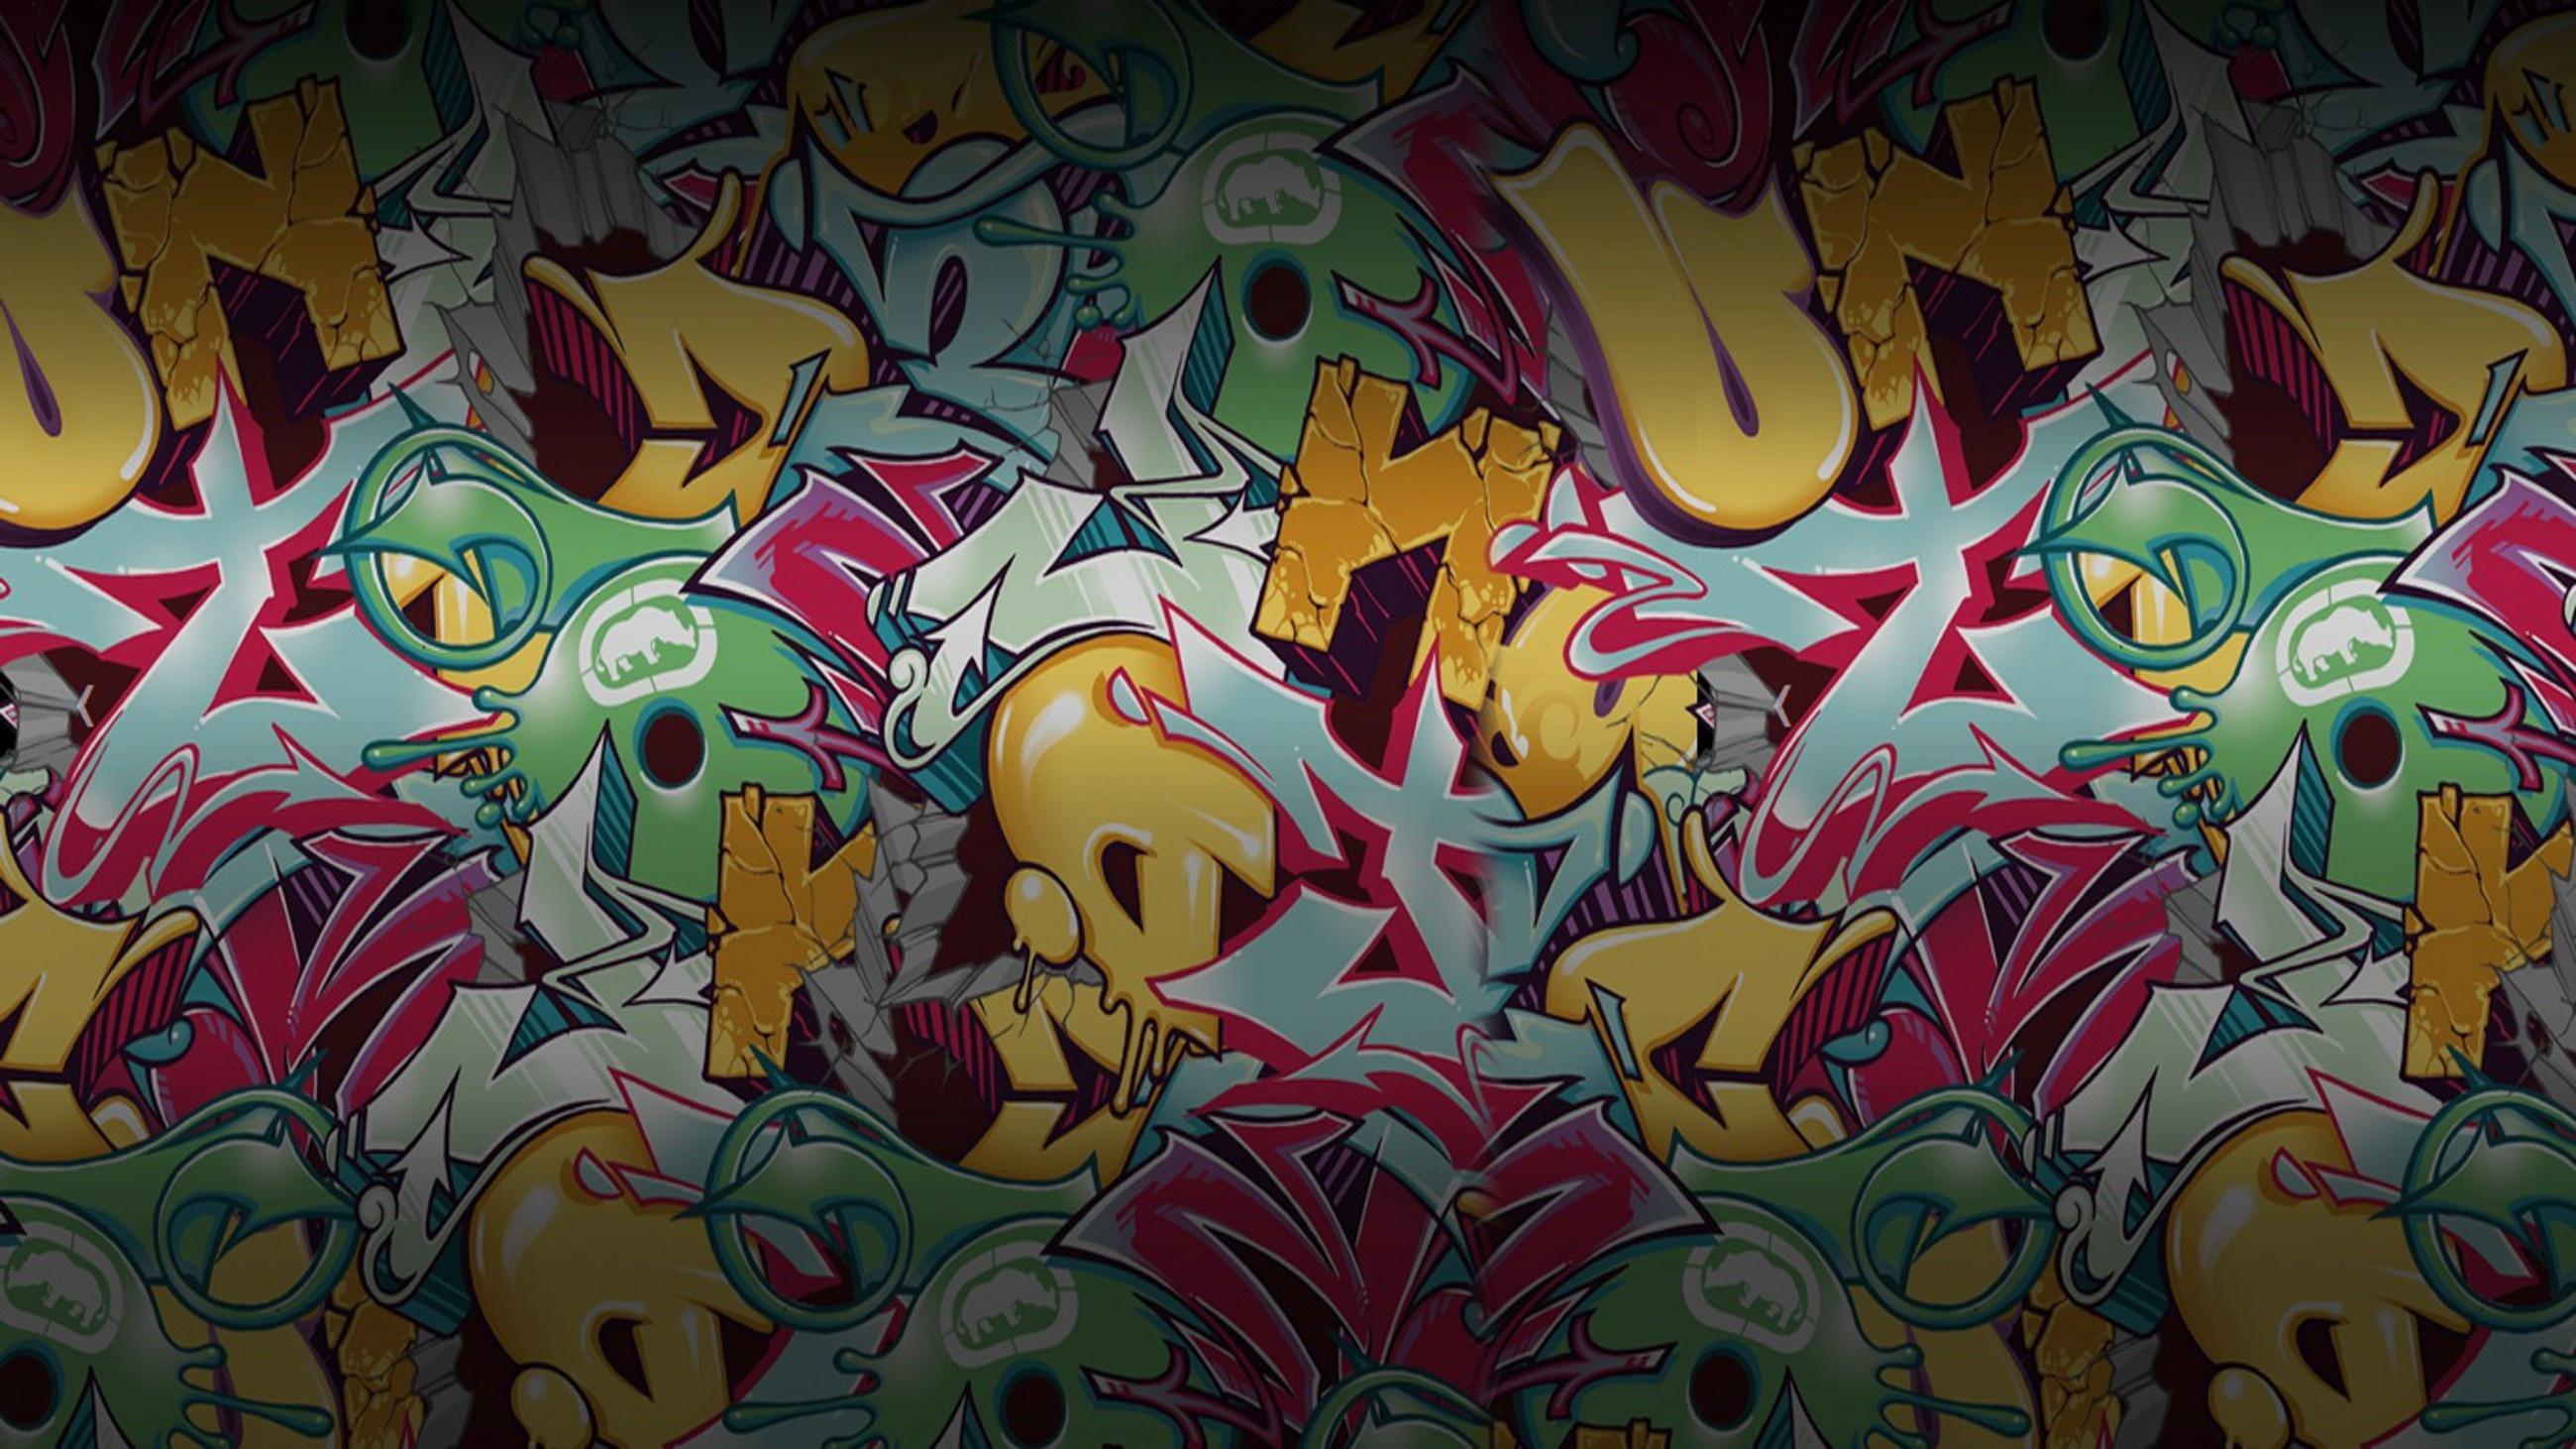 Res: 2600x1462, Ecko Unlimited Graffiti Ecko Wallpaper (64+ Images)